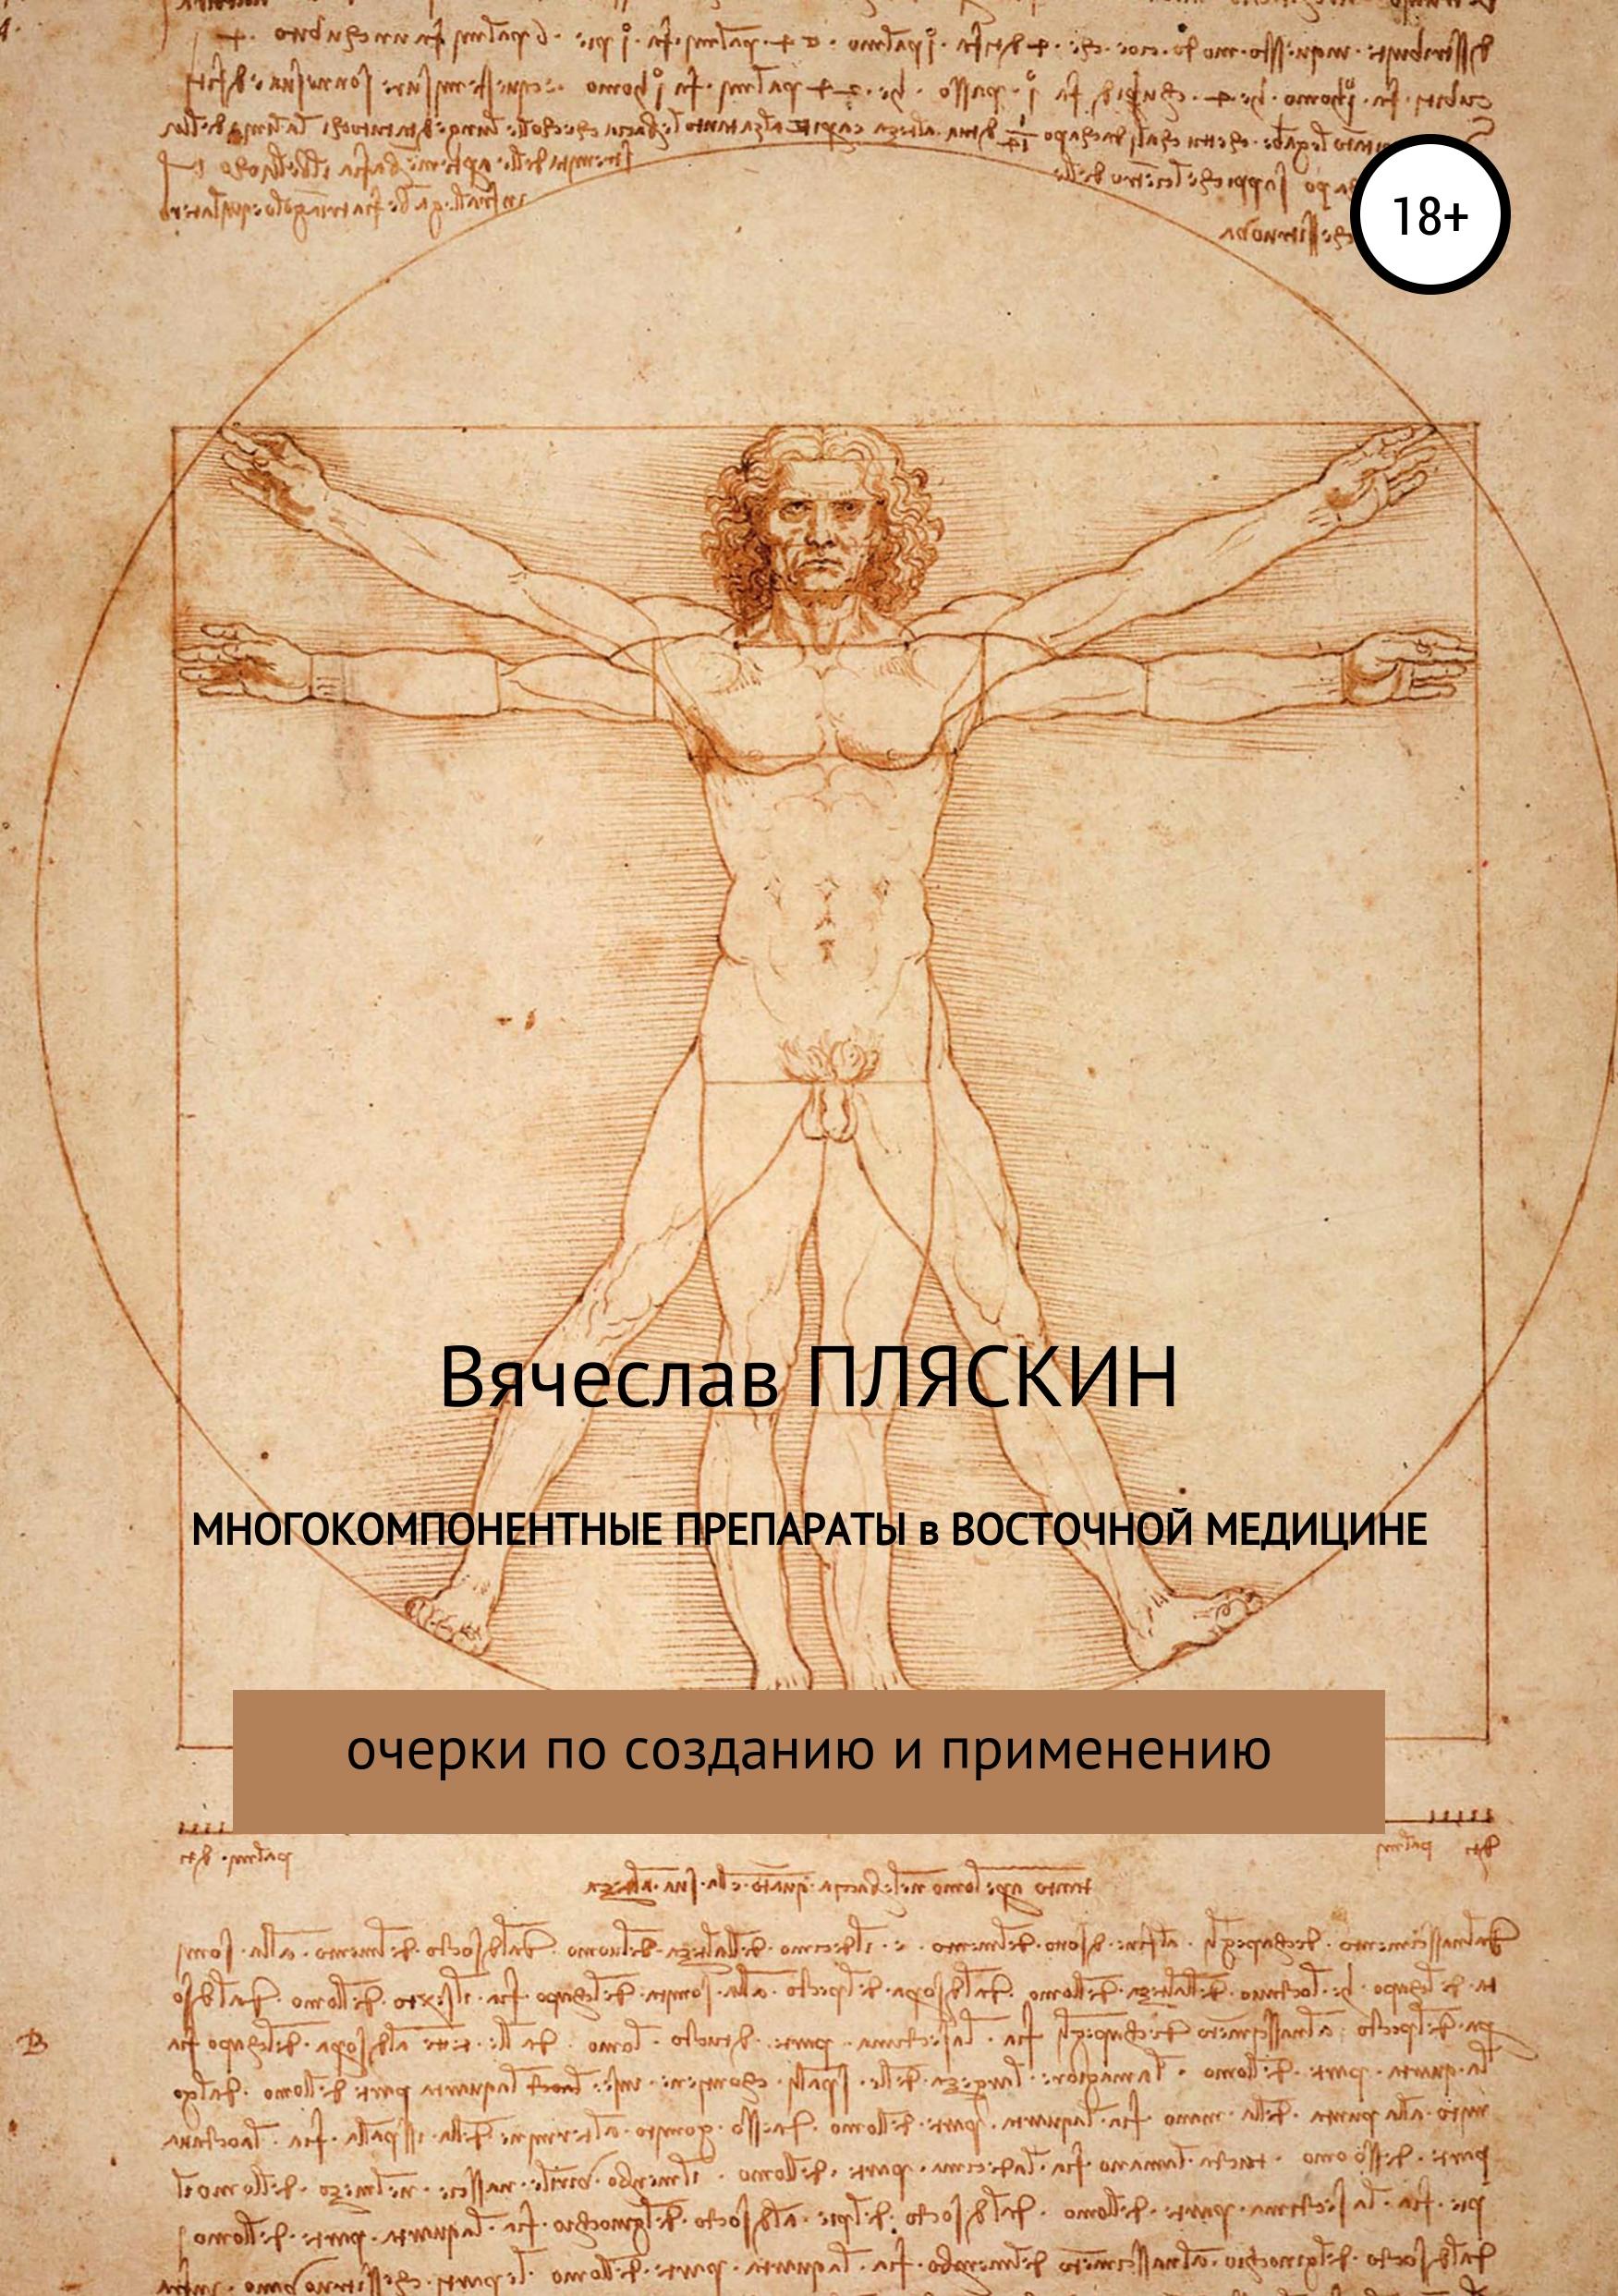 Вячеслав Пляскин «Многокомпонентные препараты в восточной медицине»